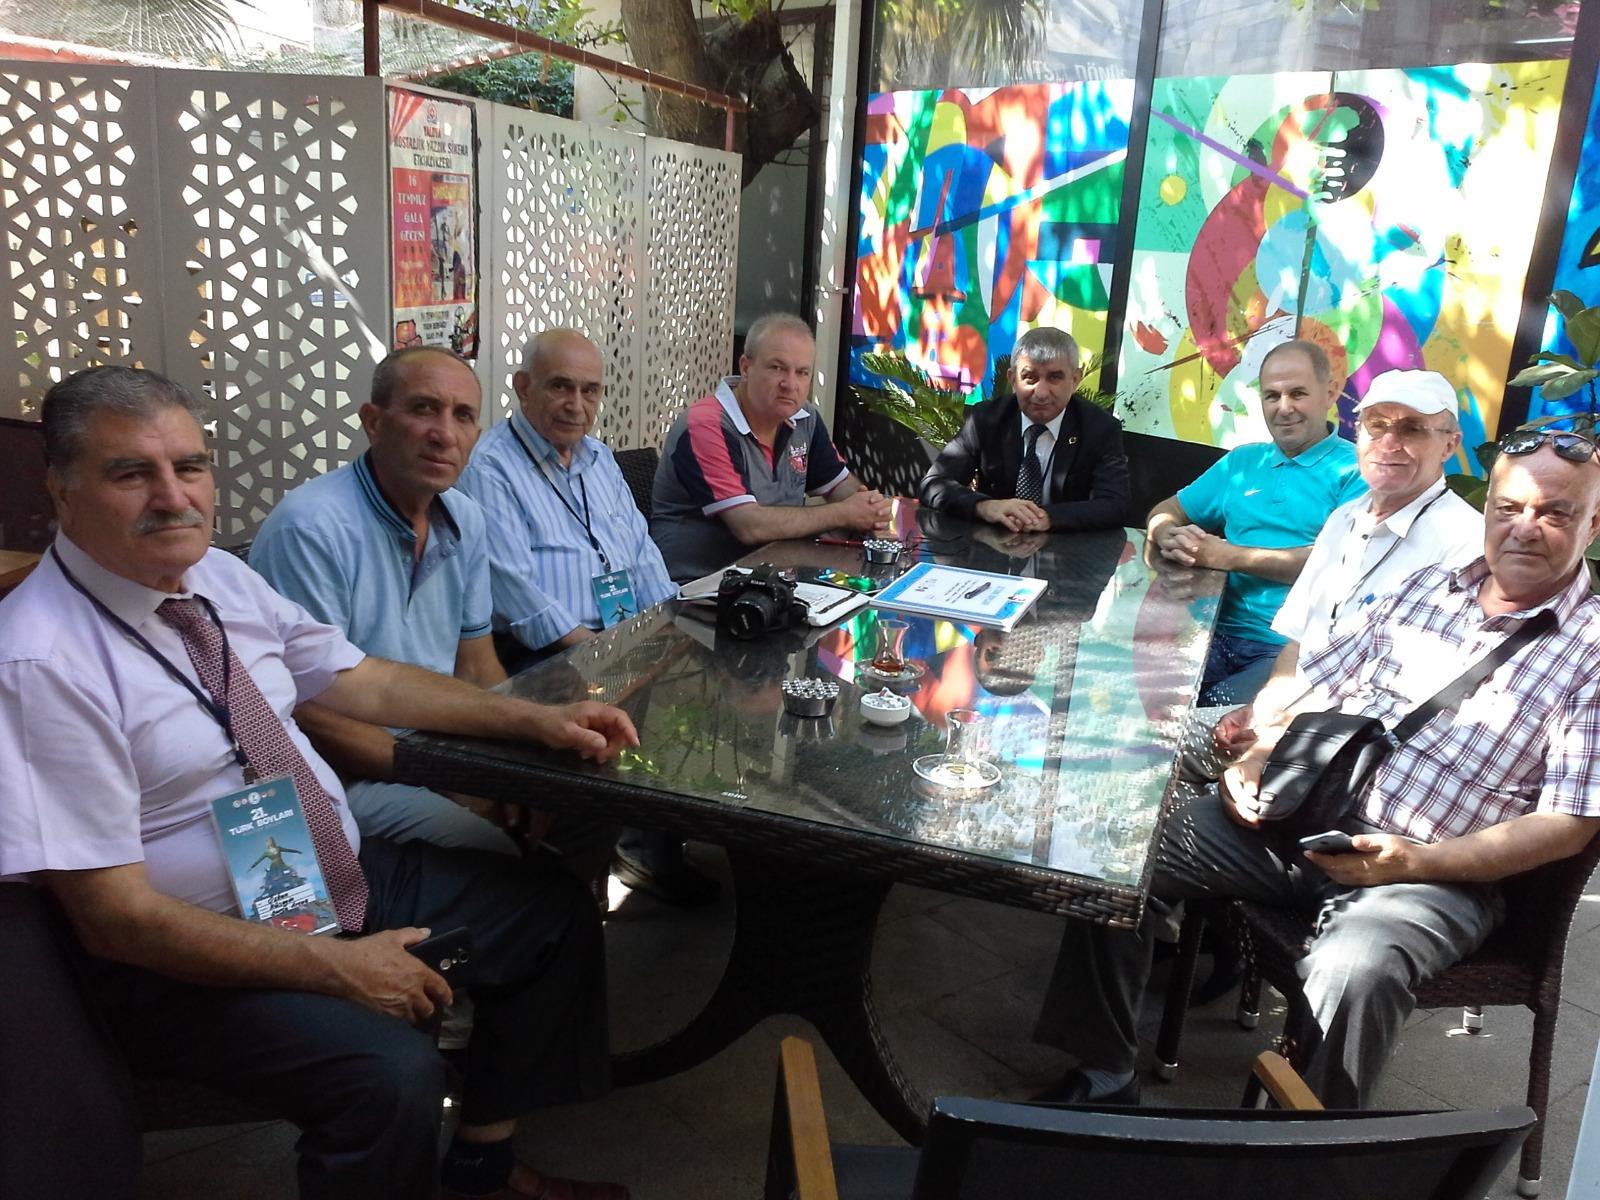 yalova türk dünyası gazeteciler ile ilgili görsel sonucu